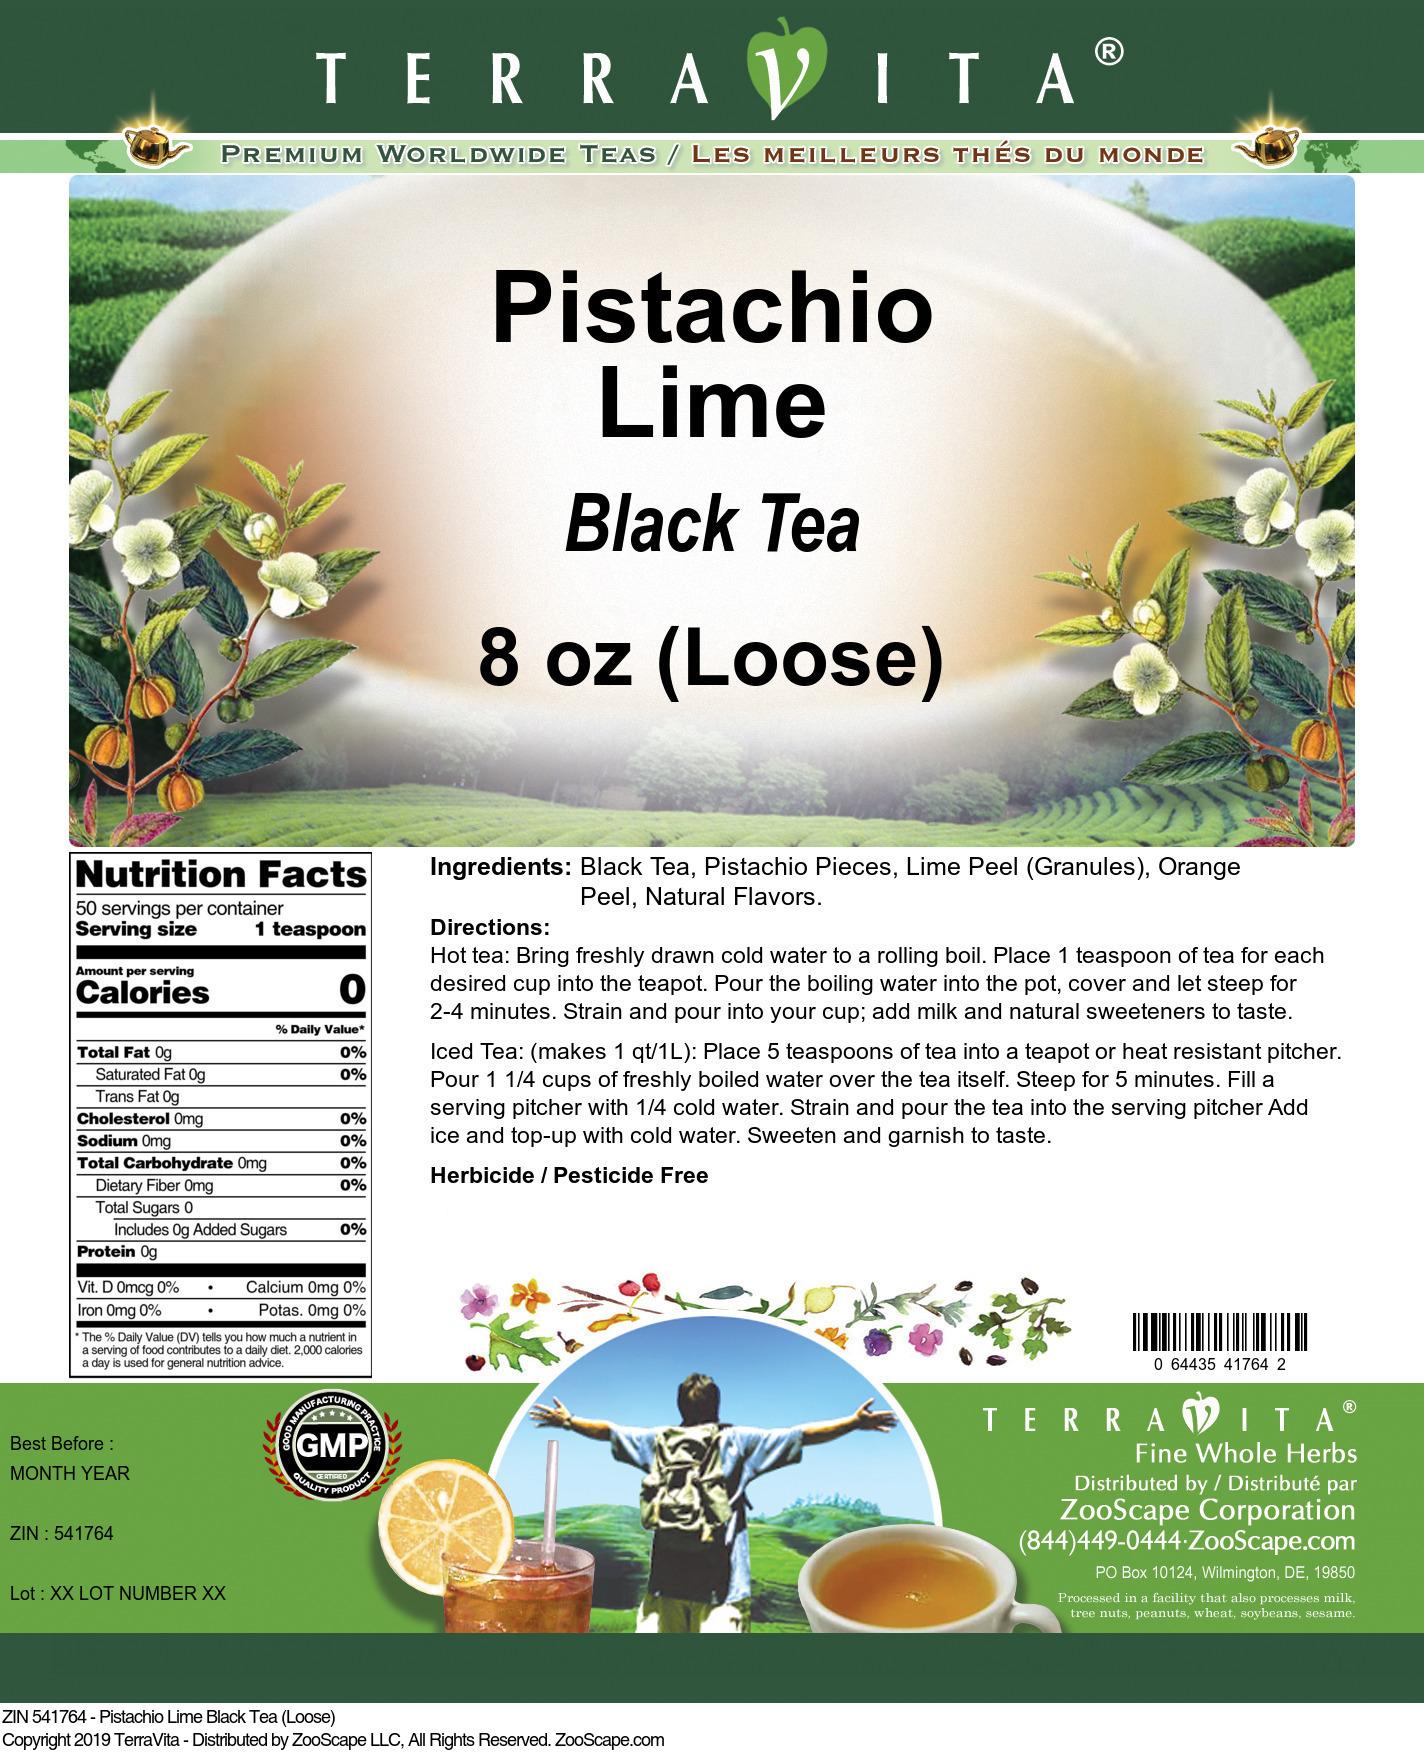 Pistachio Lime Black Tea